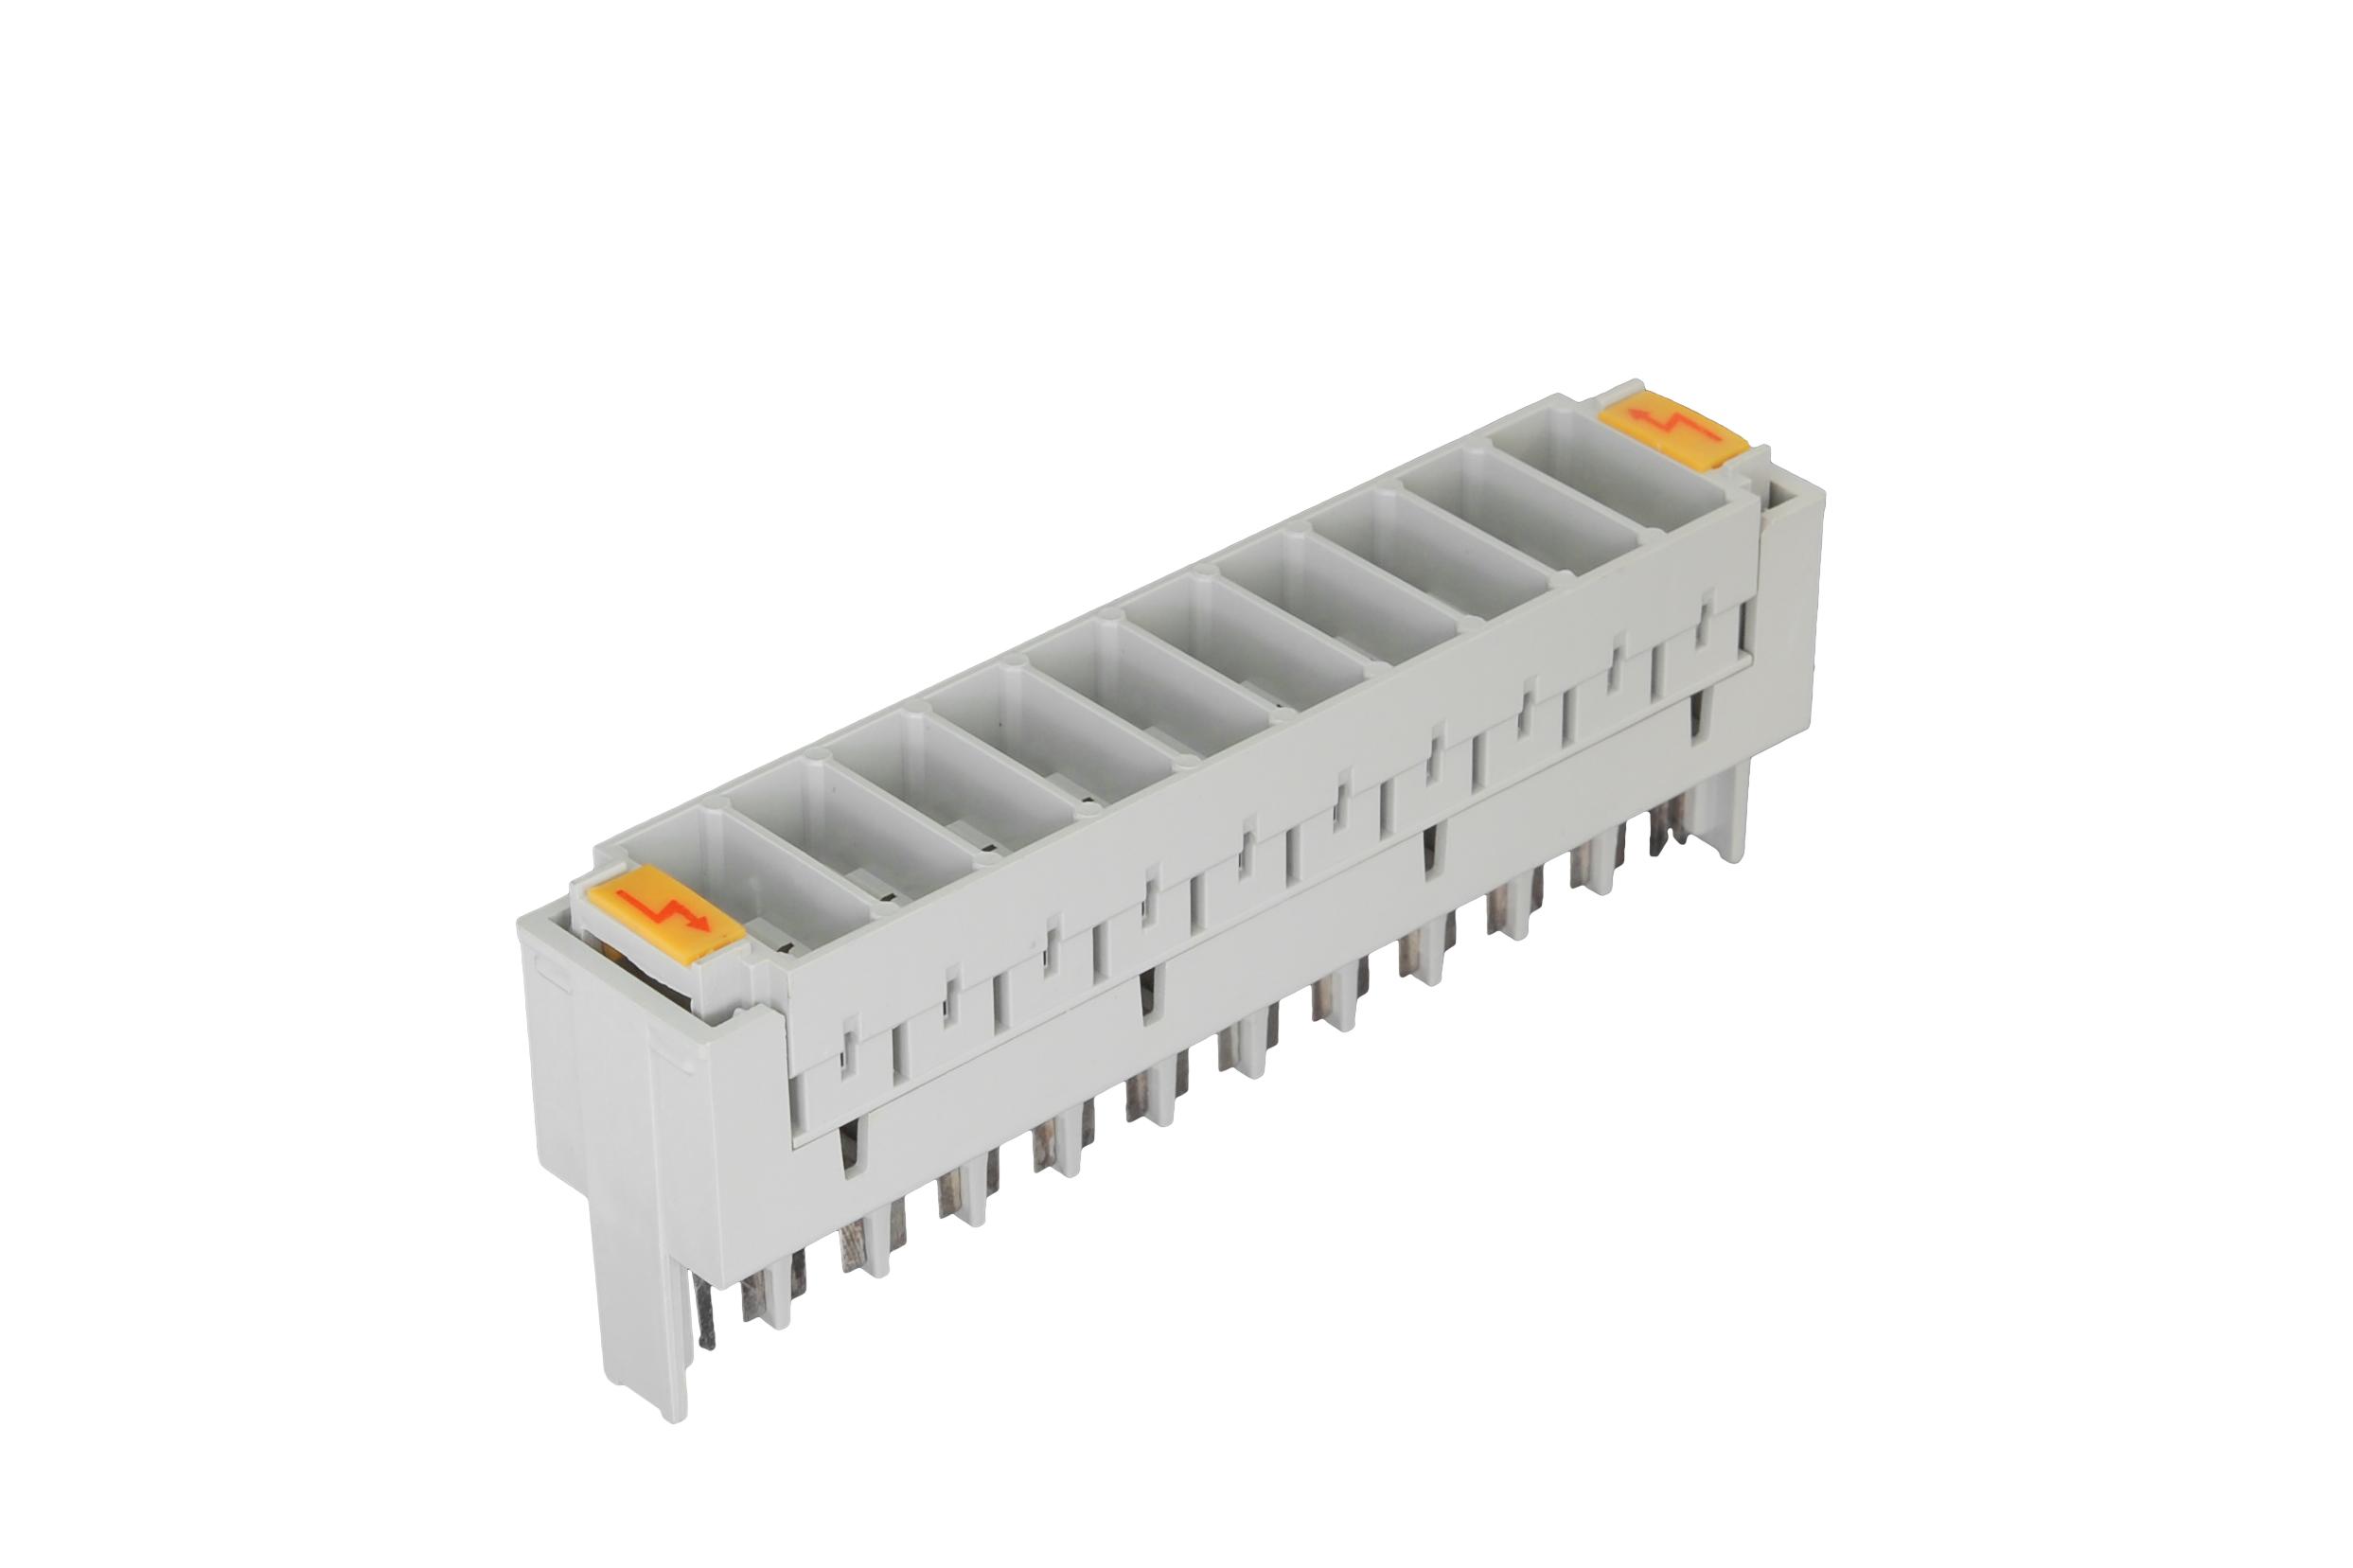 NMC-PL-PM10 Магазин защиты плинтов по напряжению NIKOMAX, на 10 пар, используется с трехконтактными разрядниками, серый